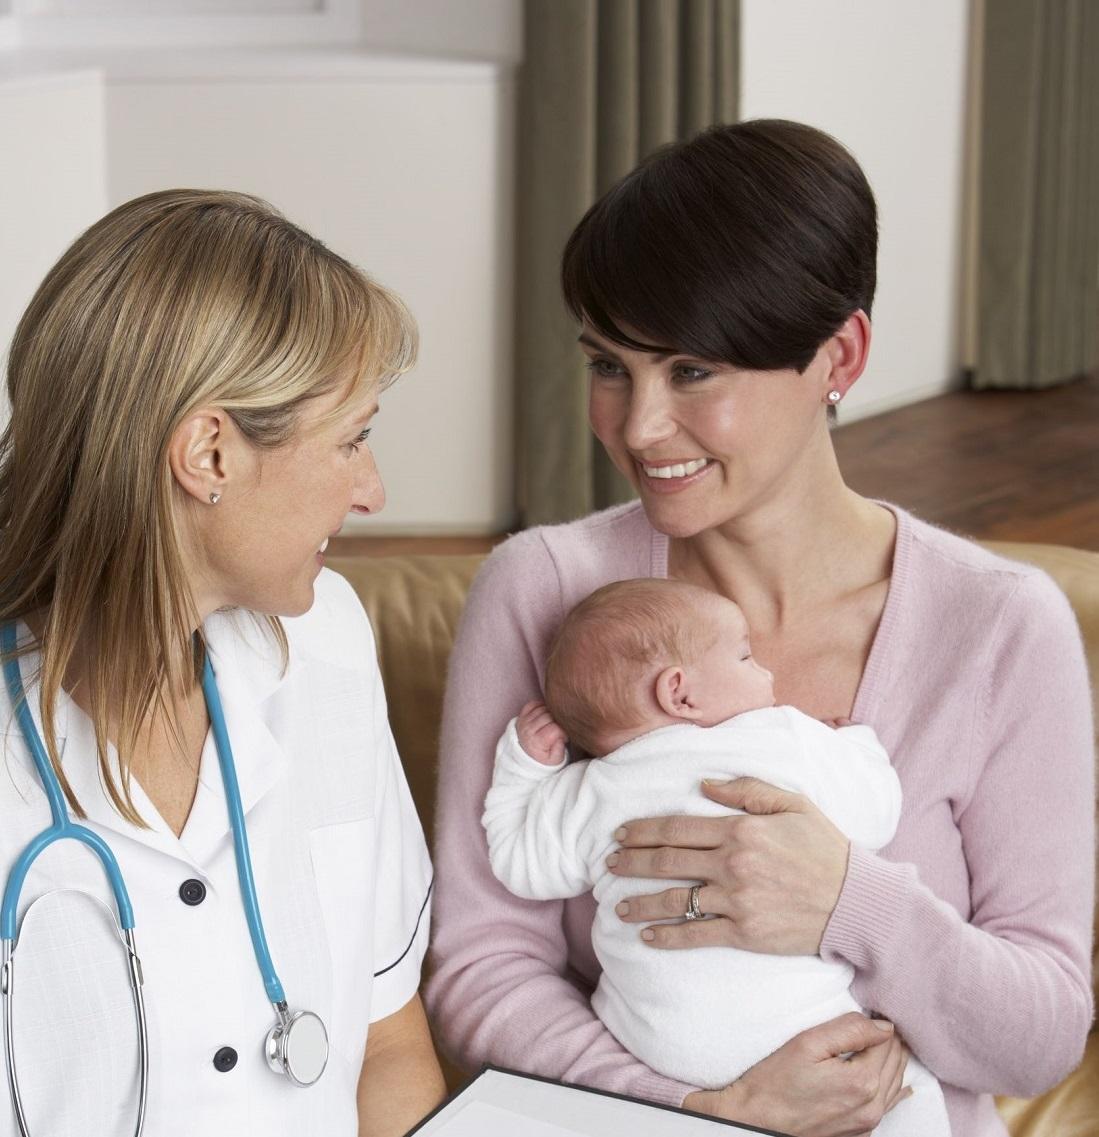 Информационное письмо по результатам совещания рабочей группы специалистов репродуктивной медицины в рамках Форума «Мать и дитя» – 2018